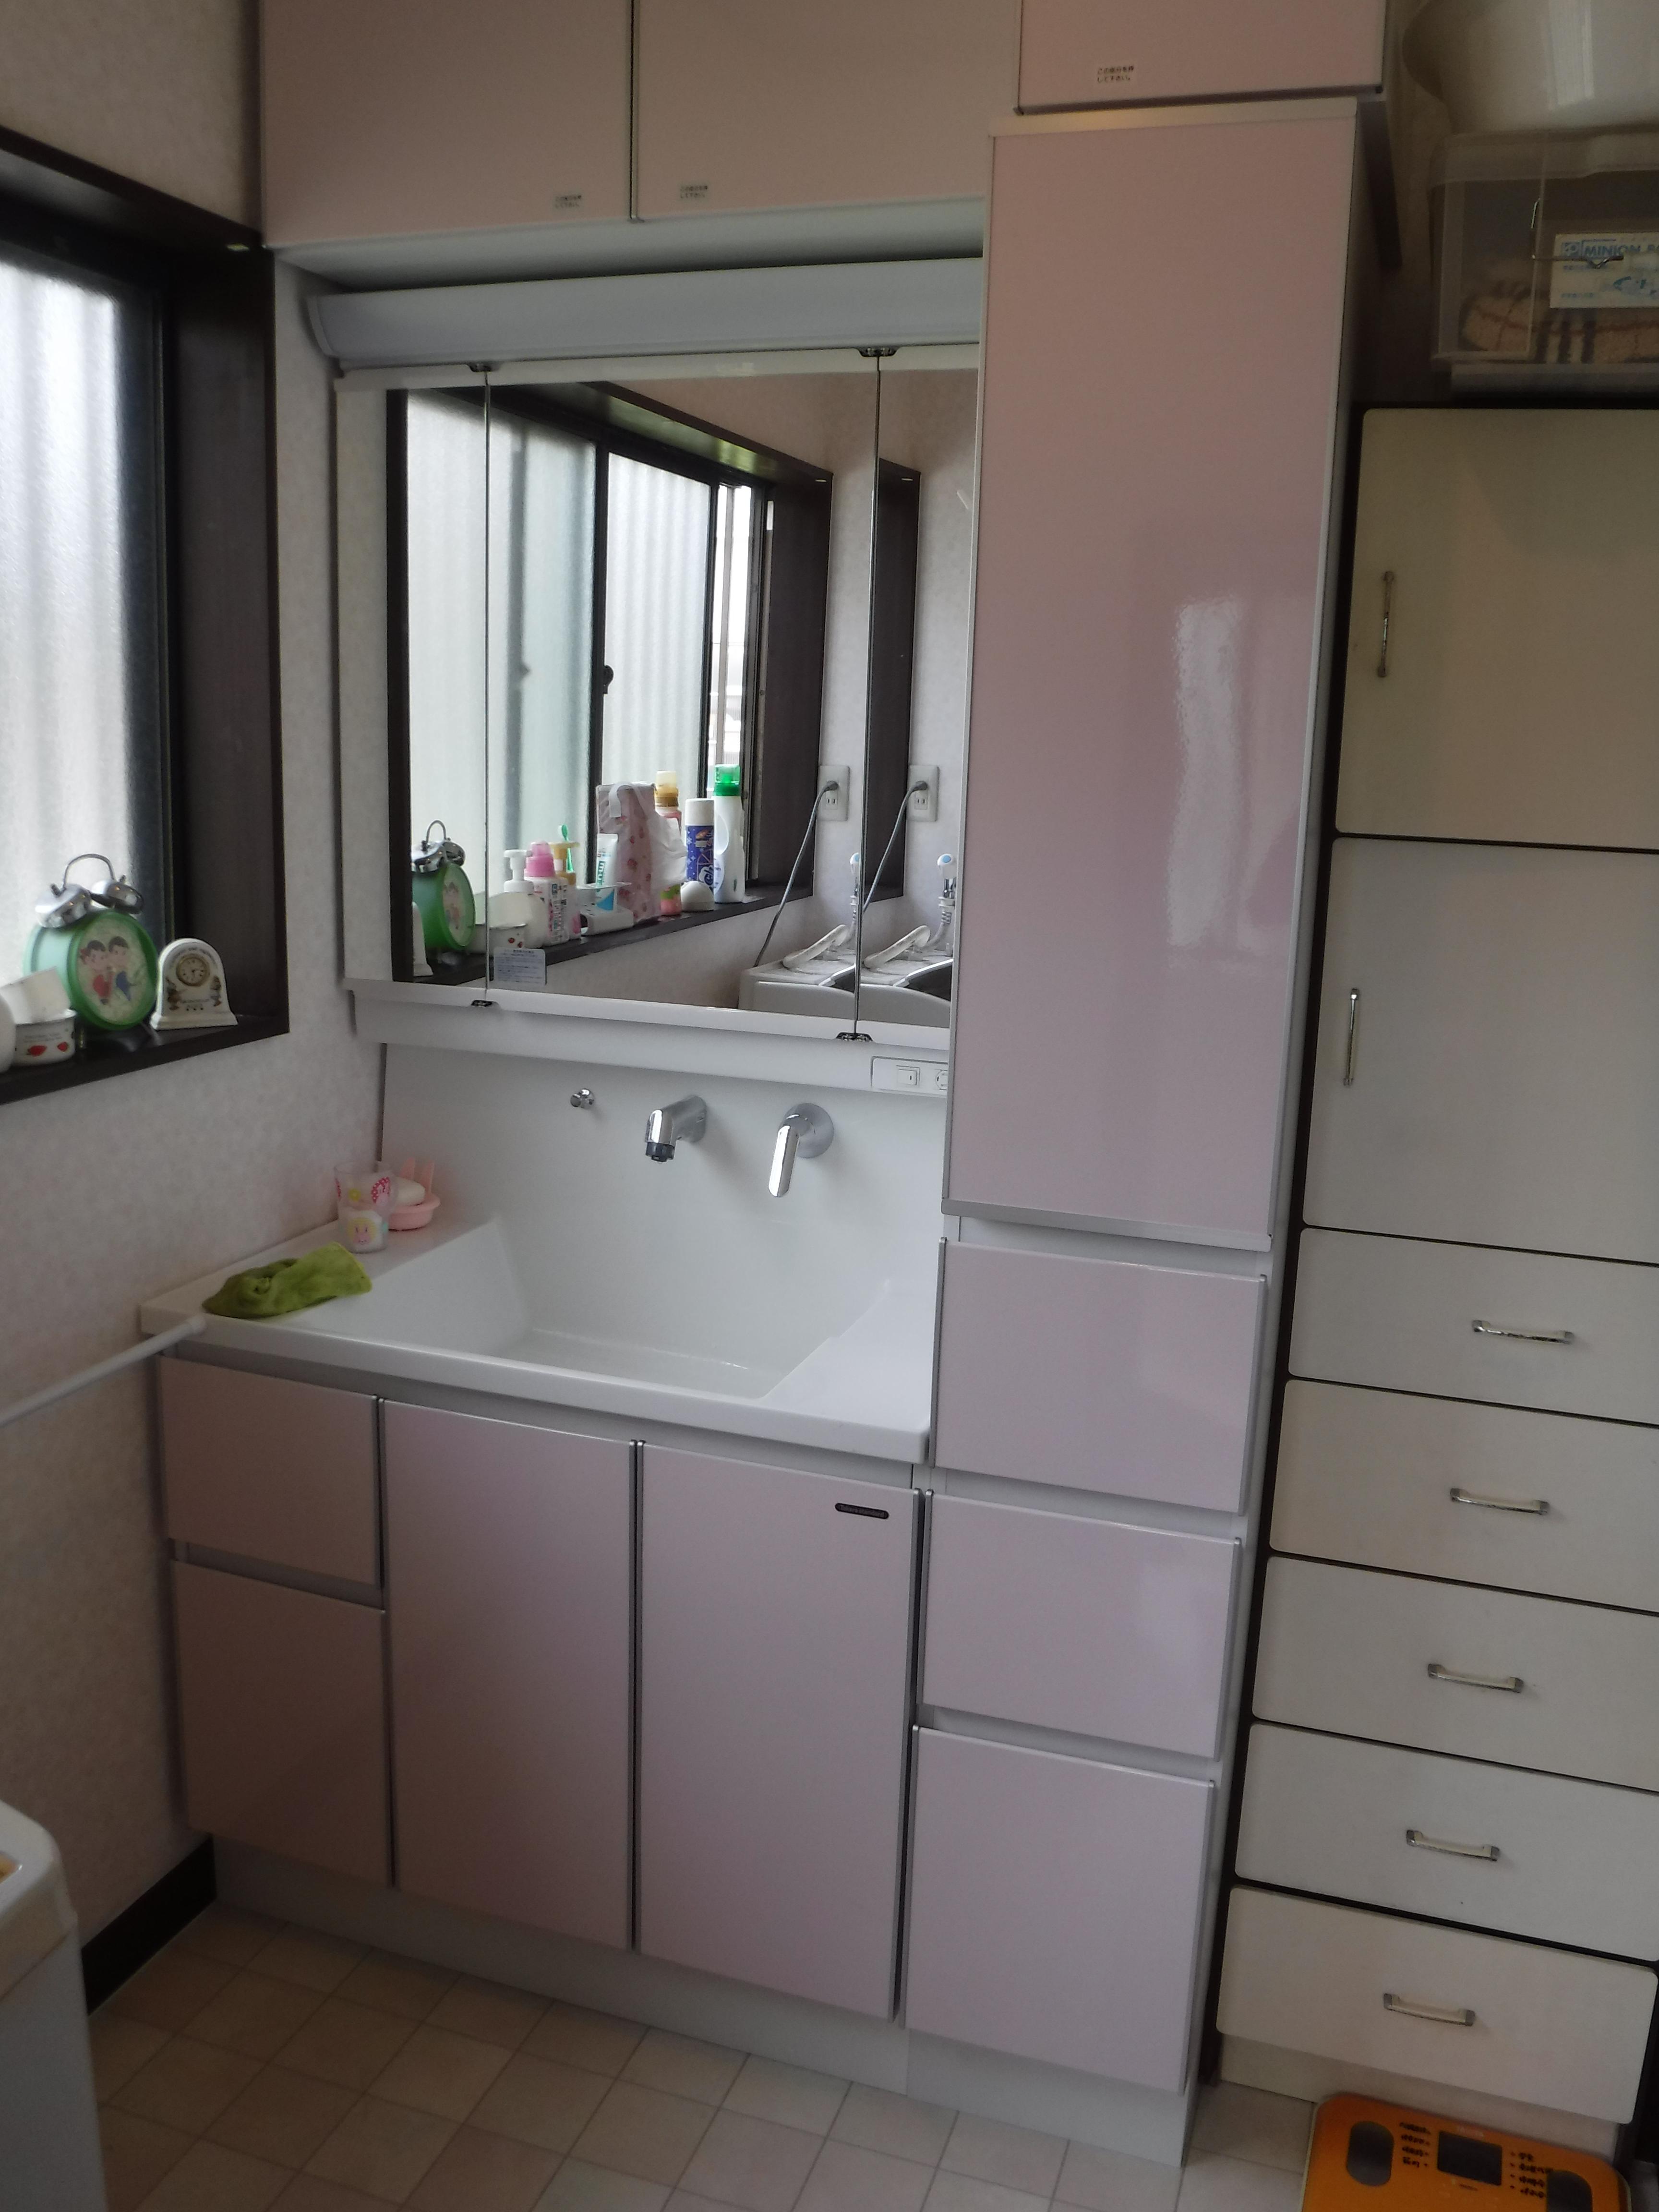 浴室の補修費用を抑えたので、洗面化粧台取替え♪